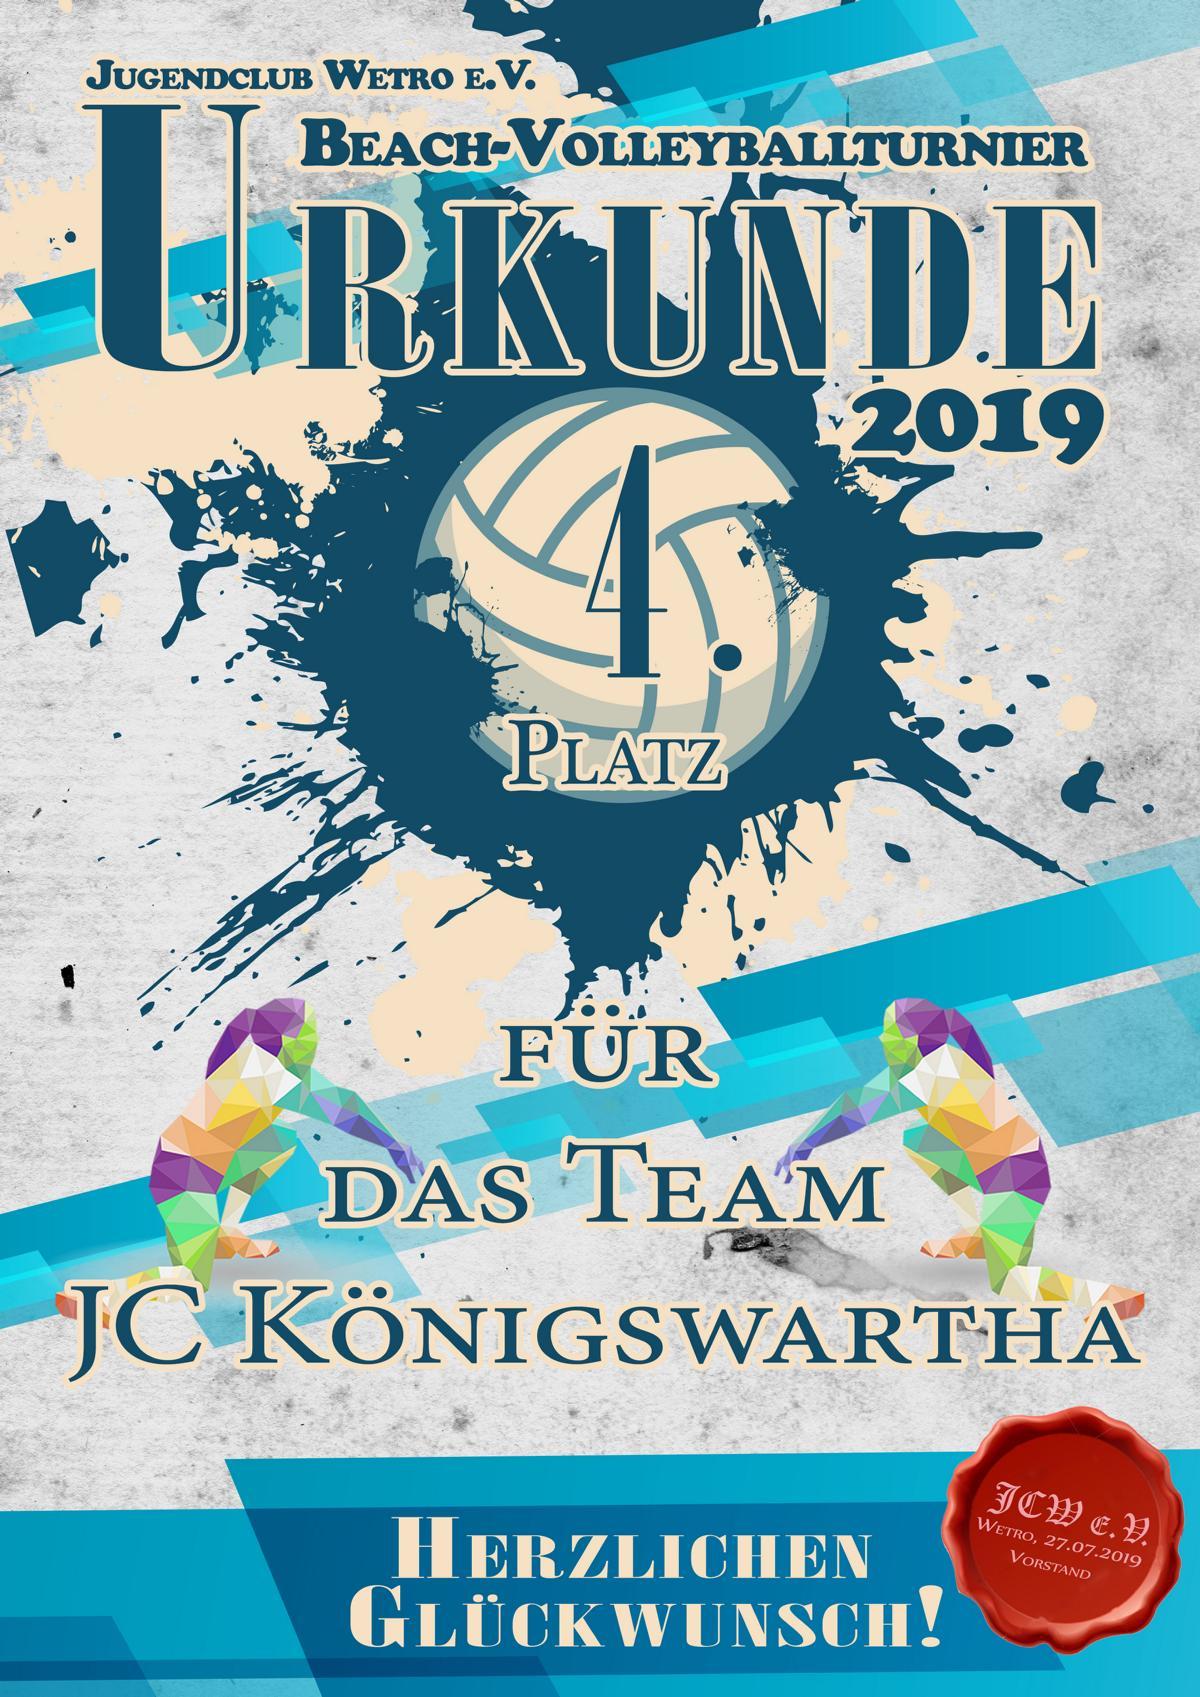 http://www.jugendclub-wetro.de/wp-content/uploads/2019/07/04_VBT2k19_JCK.jpg